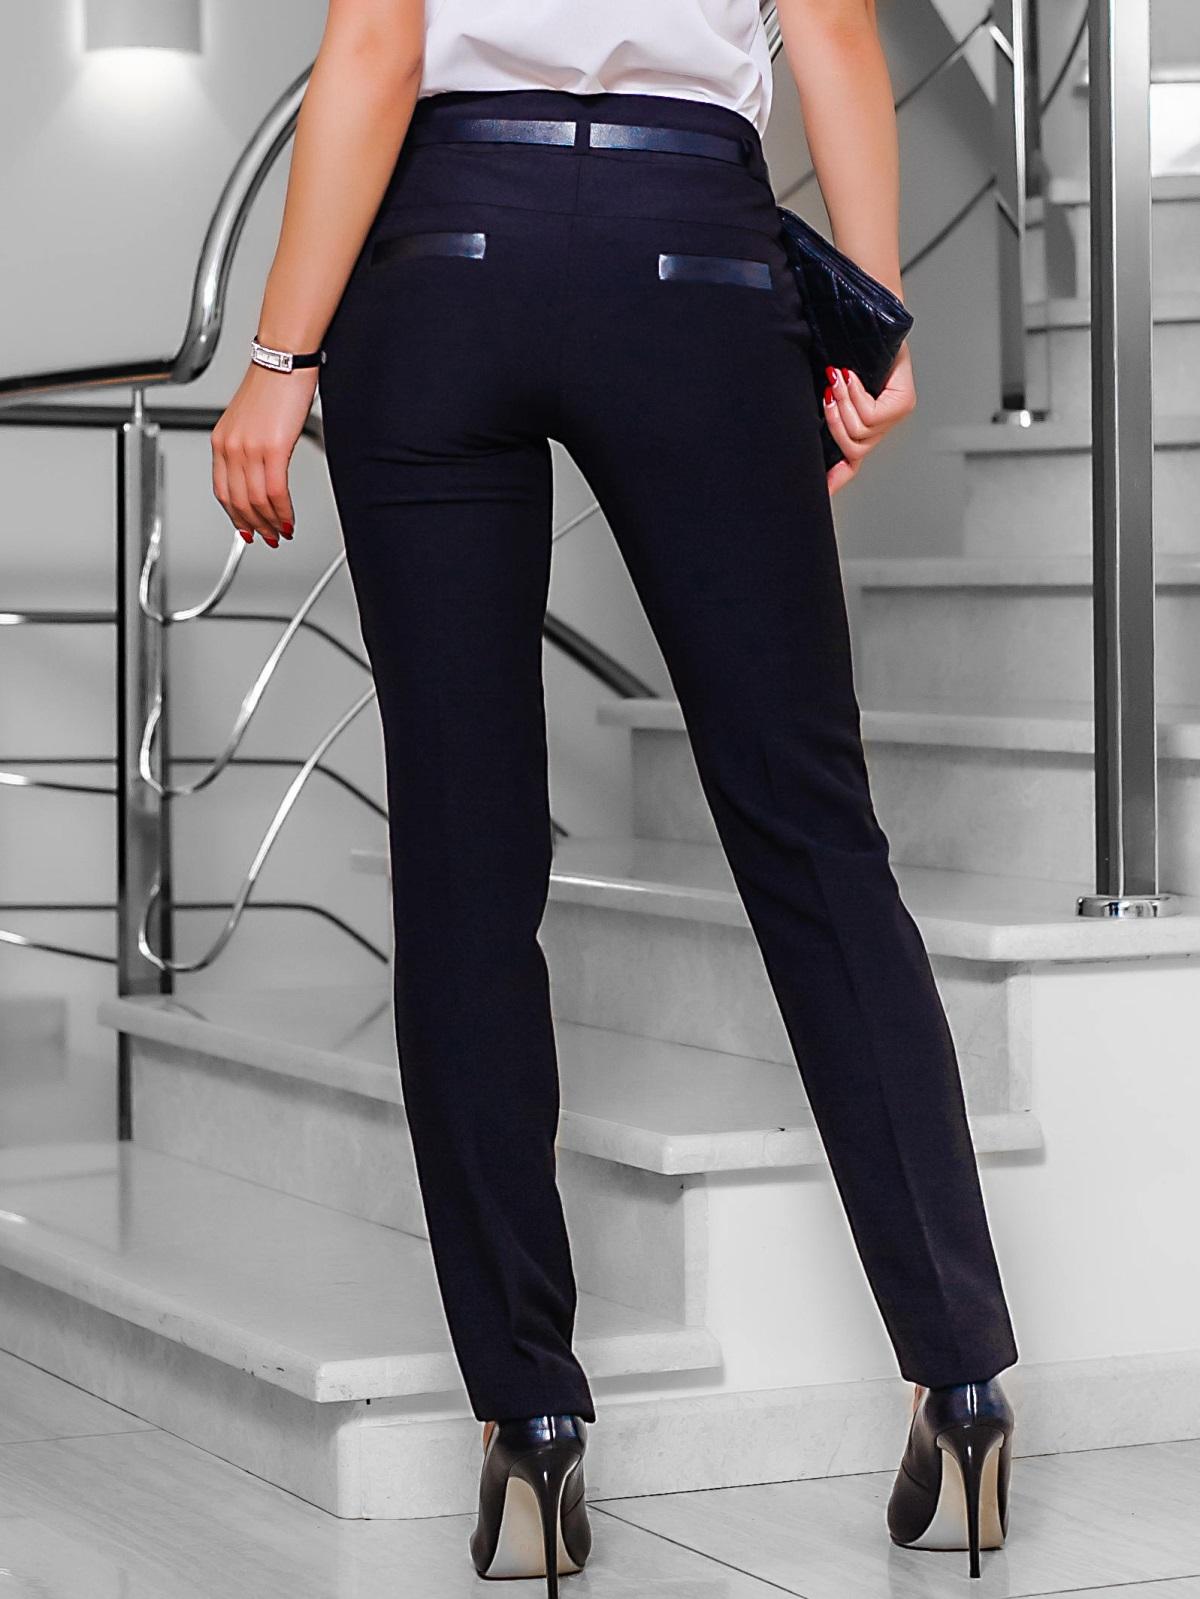 Черные брюки со шлёвками для пояса - 10296, фото 1 – интернет-магазин Dressa